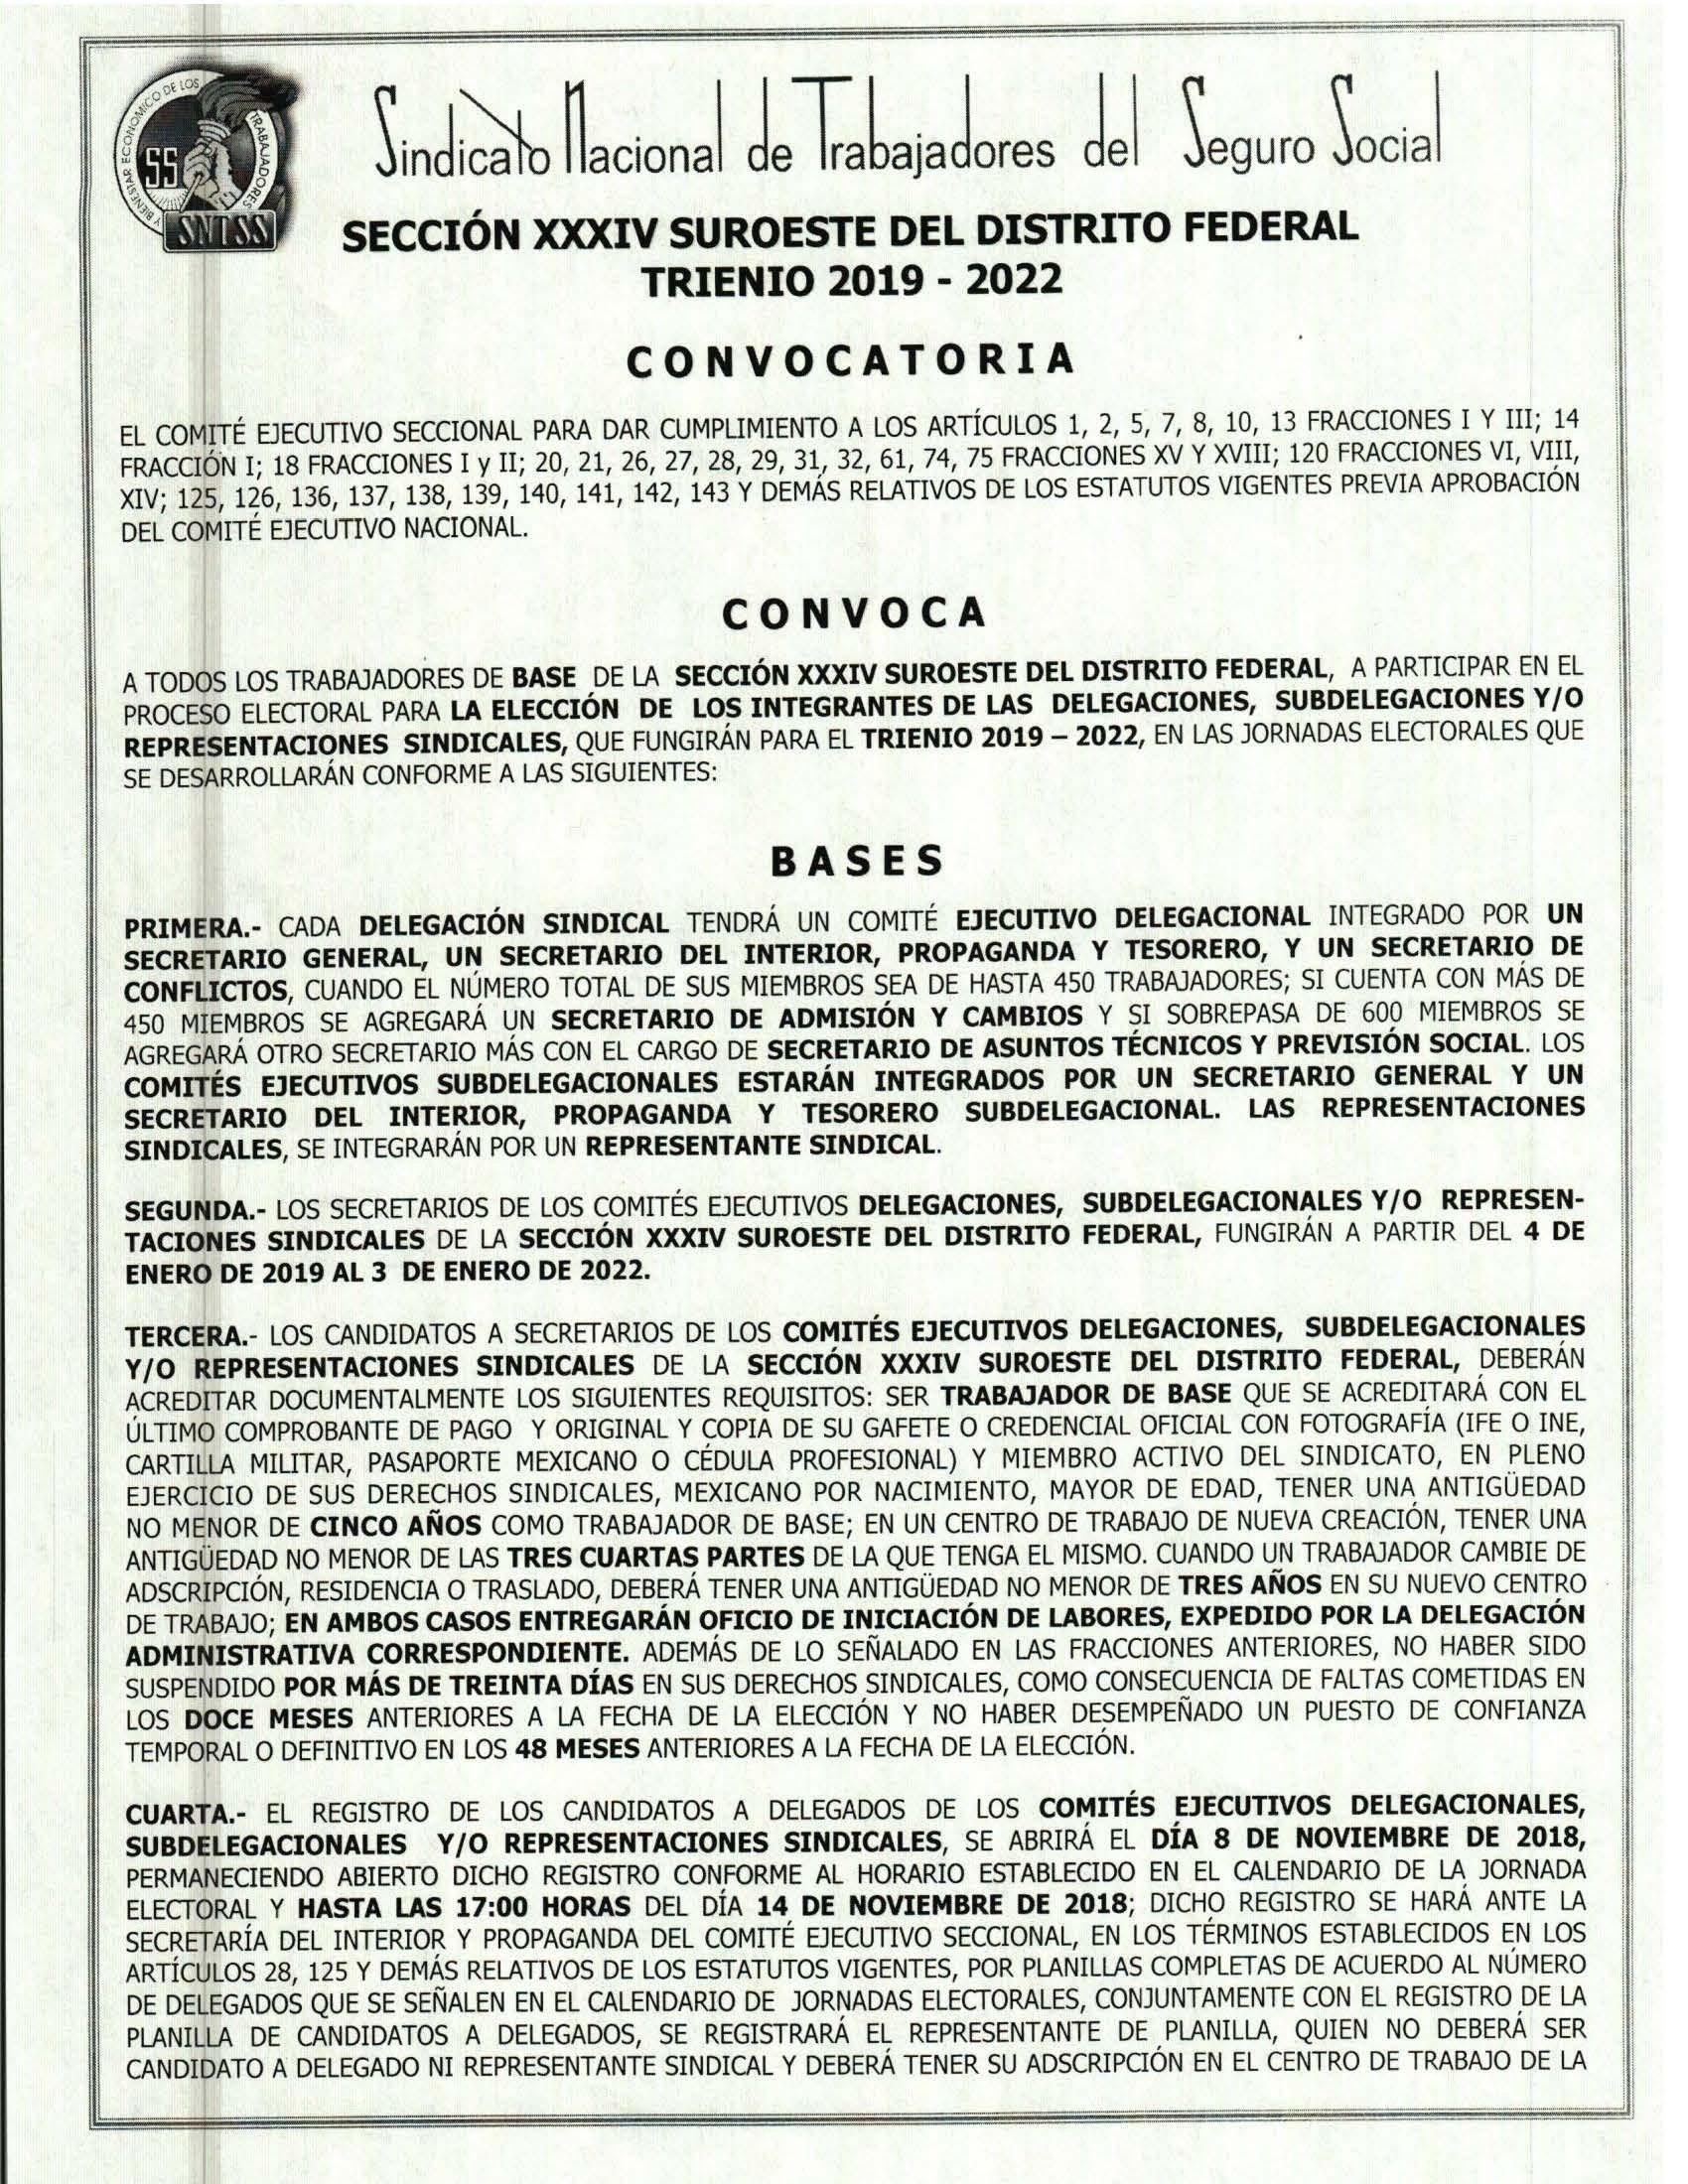 Calendario Escolar 2019 Quintana Roo Más Recientes Sntss Secci³n Xxxiv Suroeste Del D F Of Calendario Escolar 2019 Quintana Roo Más Populares Sntss Secci³n Xxxiv Suroeste Del D F